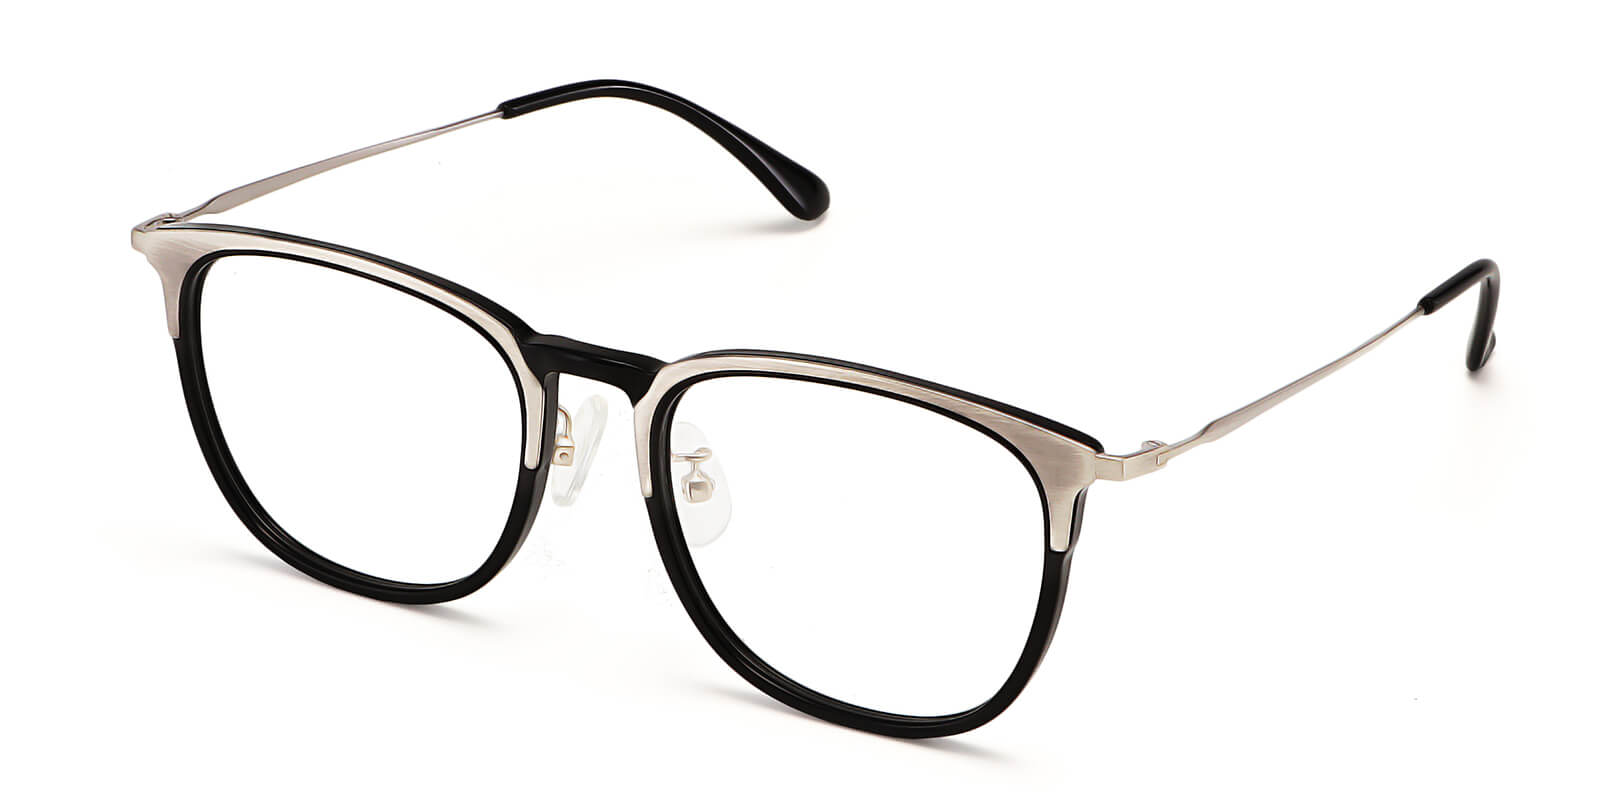 Giadaa-Mens square glasses - premium acetate frame